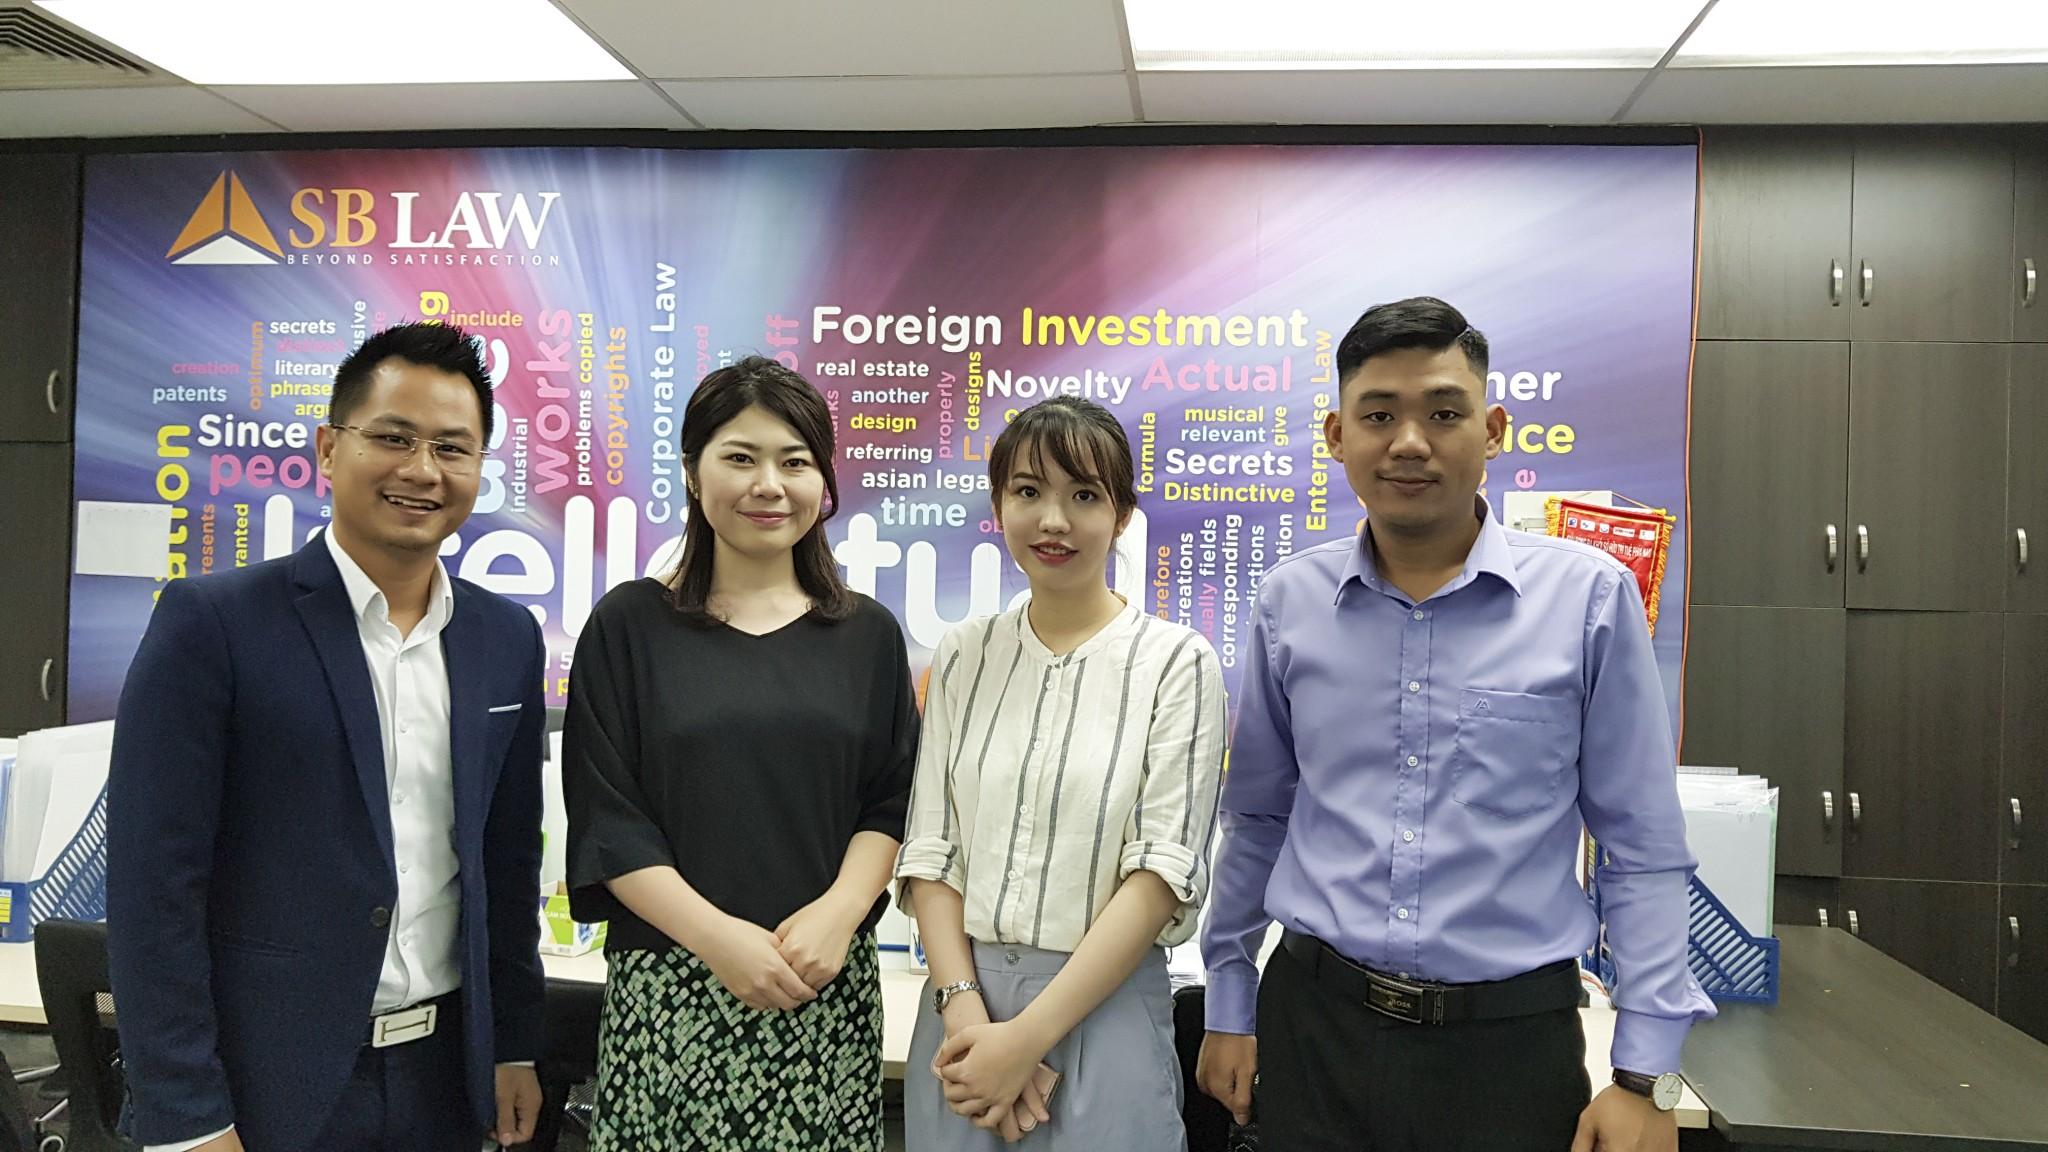 Luật sư SBLAW làm việc với công ty luật Meilin về M&A